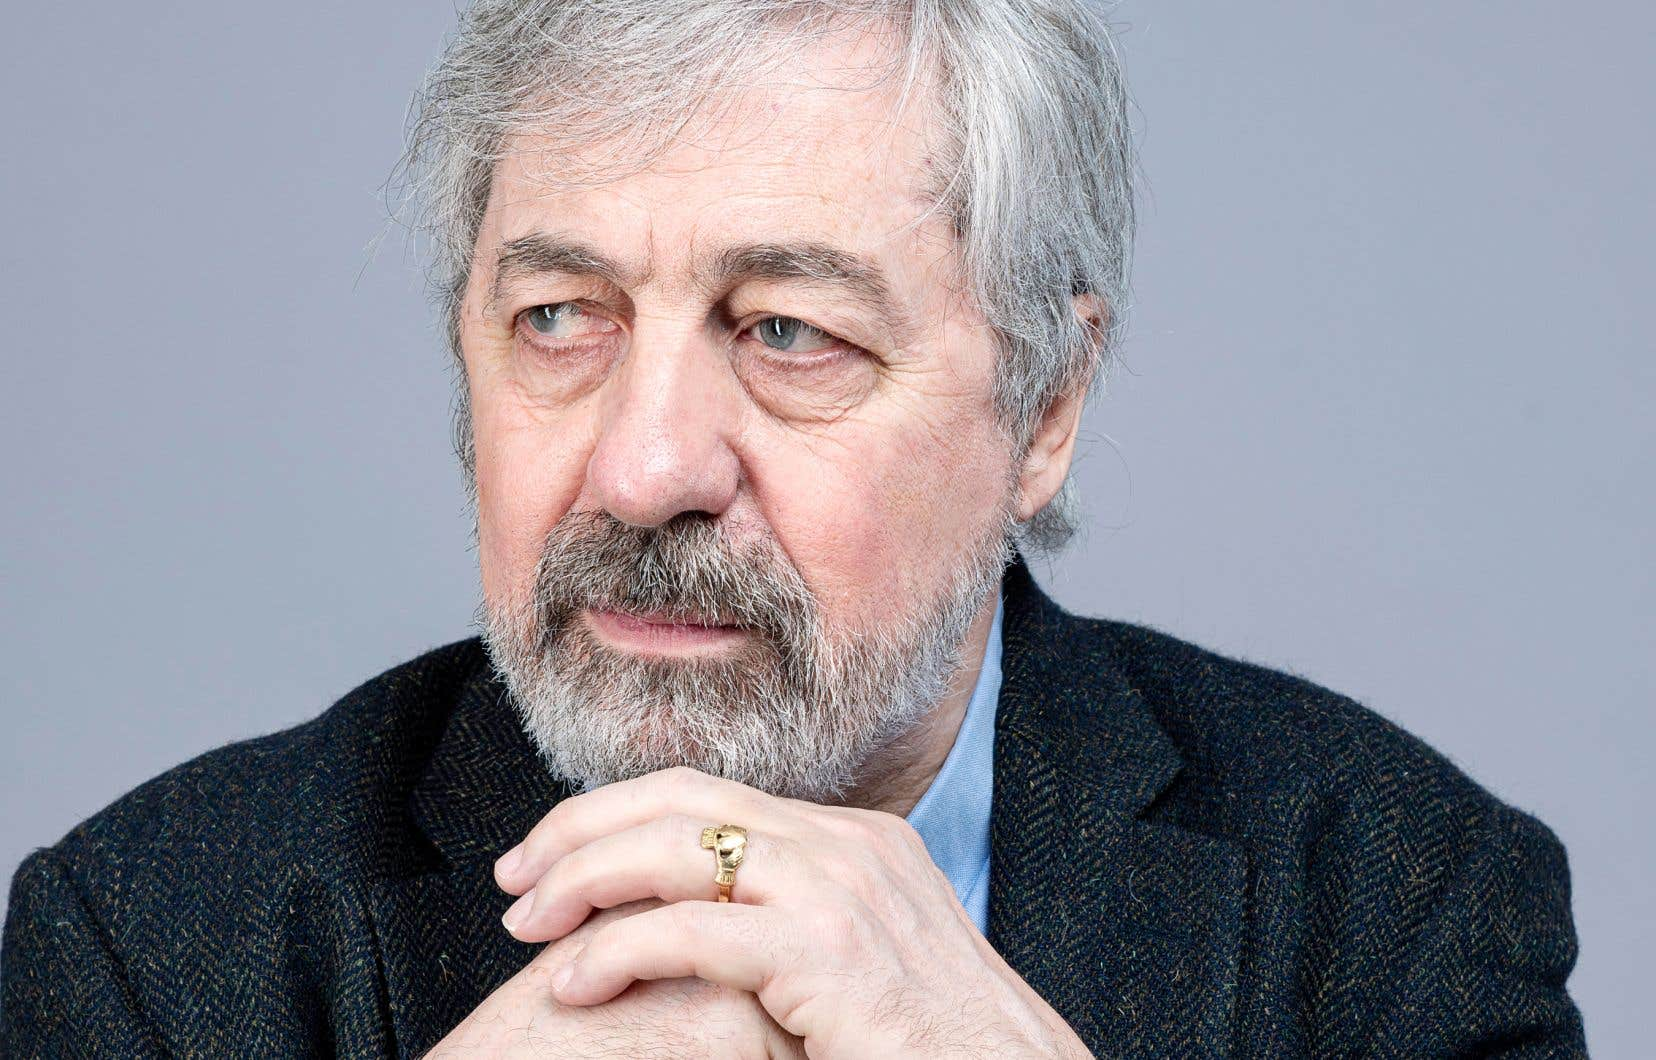 Aujourd'hui journaliste au «Canard enchaîné», Sorj Chalandon a travaillé 34ans pour le quotidien «Libération». Sa couverture du procès Barbie lui a d'ailleurs valu le prestigieux prix Albert-Londres en 1988.